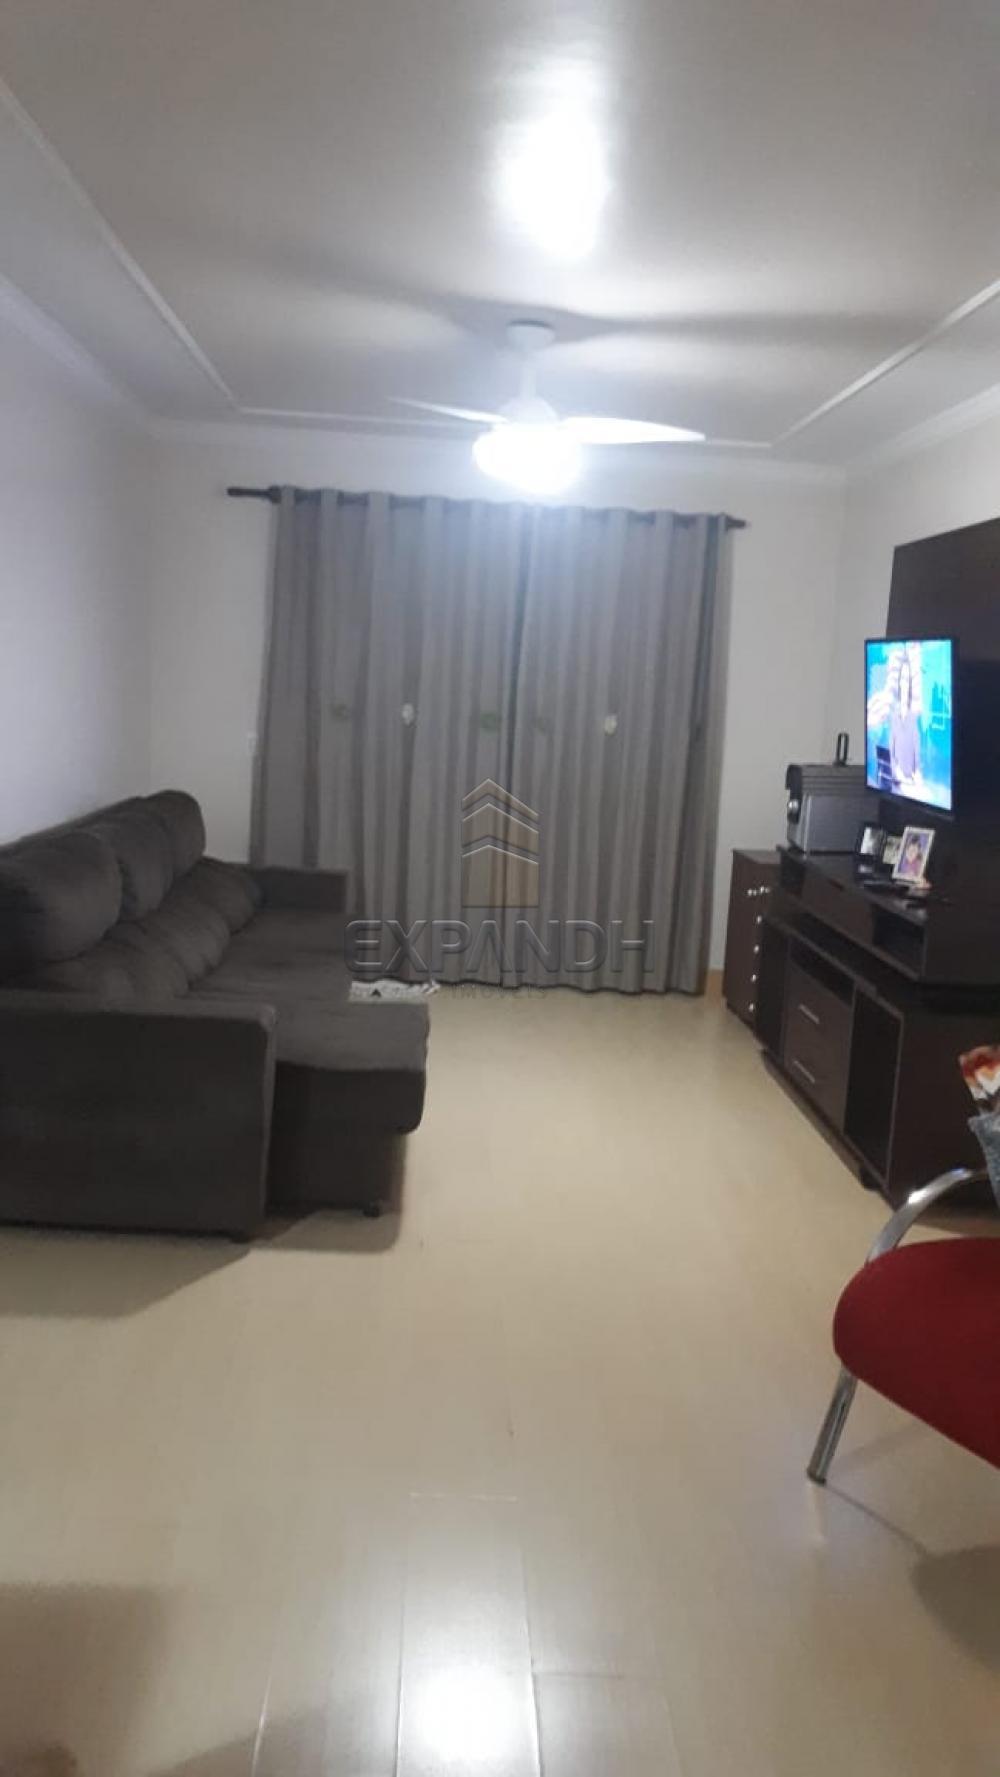 Comprar Apartamentos / Padrão em Sertãozinho R$ 380.000,00 - Foto 29